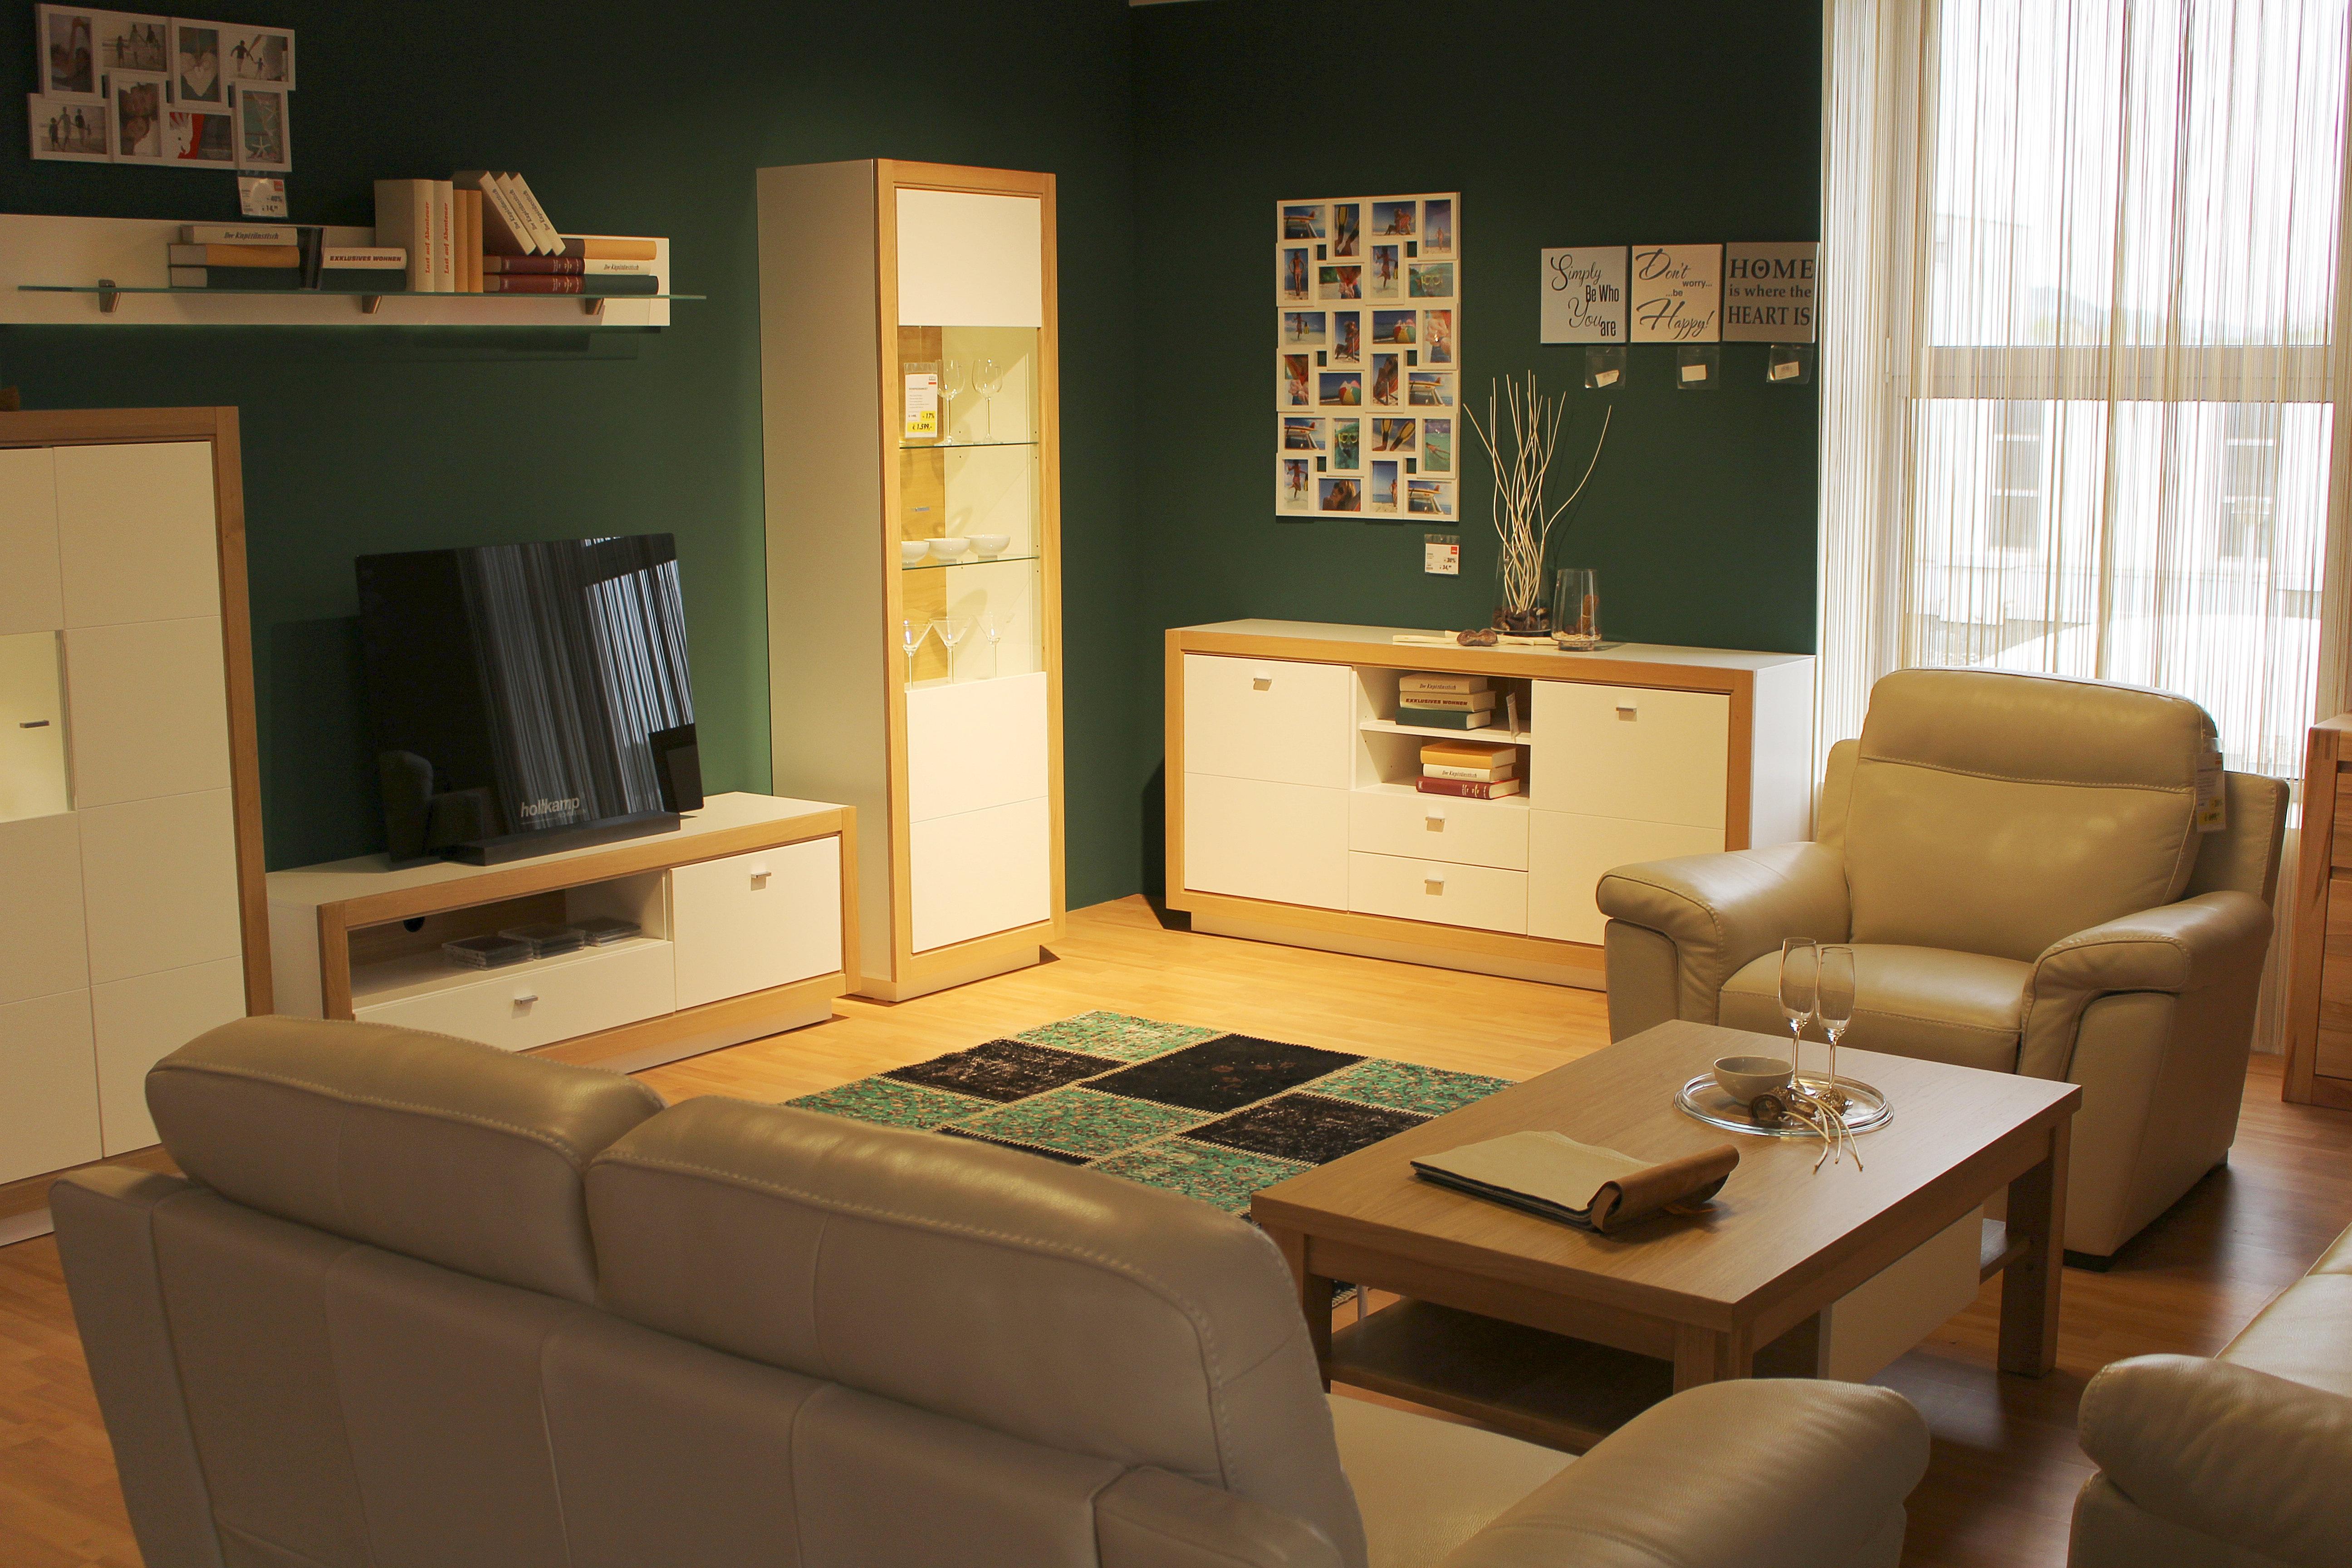 Zuhause Leben Dekoration Hütte Eigentum Wohnzimmer Möbel Zimmer Wohnung  Innenarchitektur Entwurf Immobilien Eigentumswohnung Anlagen